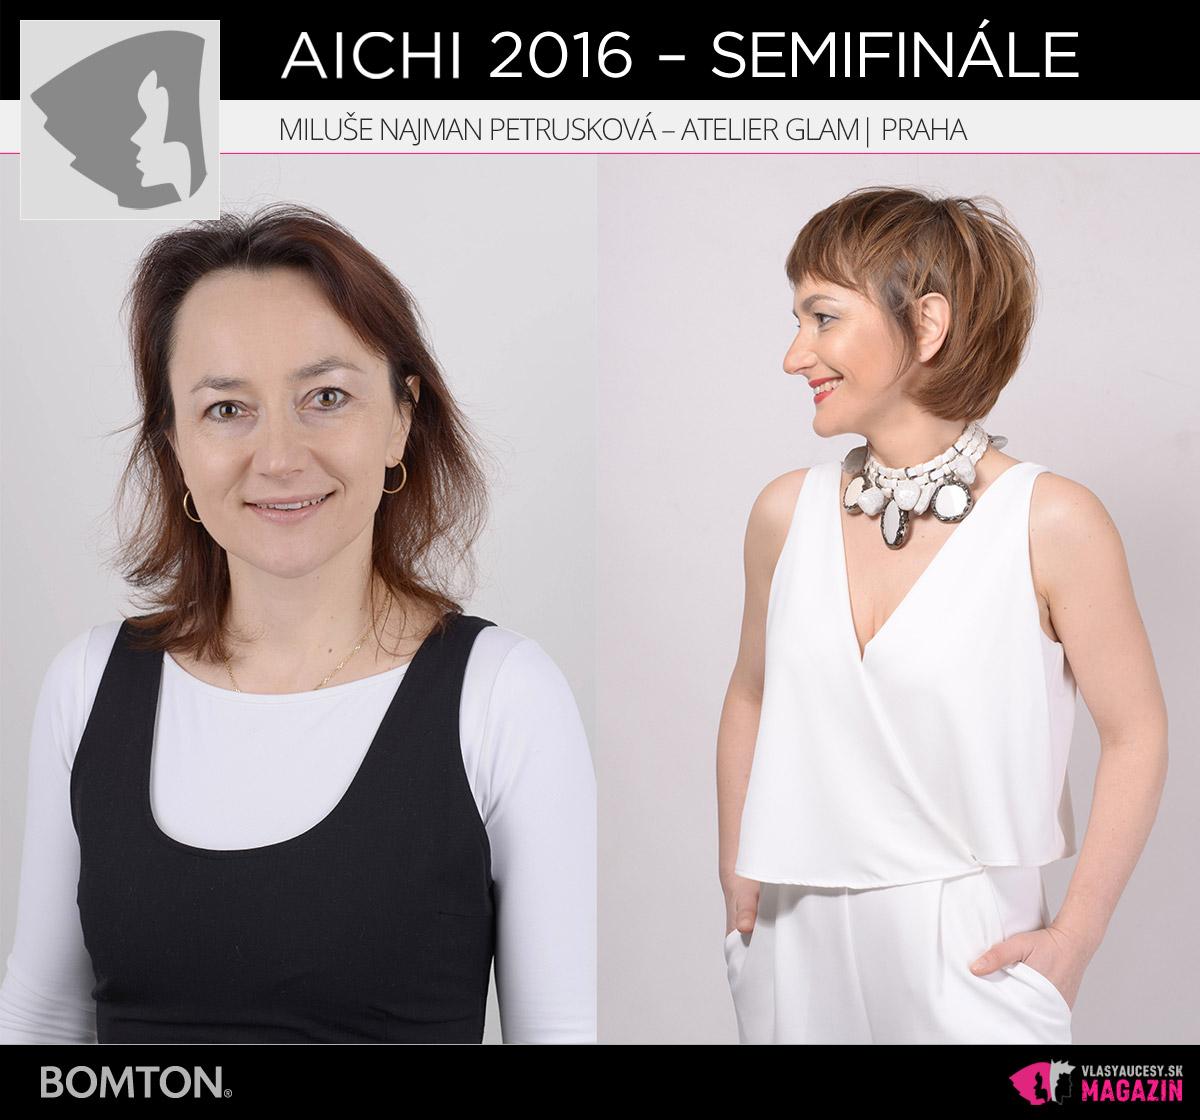 Miluše Najman Petrusková – Atelier Glam, Praha | Premeny AICHI 2016 – postupujúci do semifinálového kola